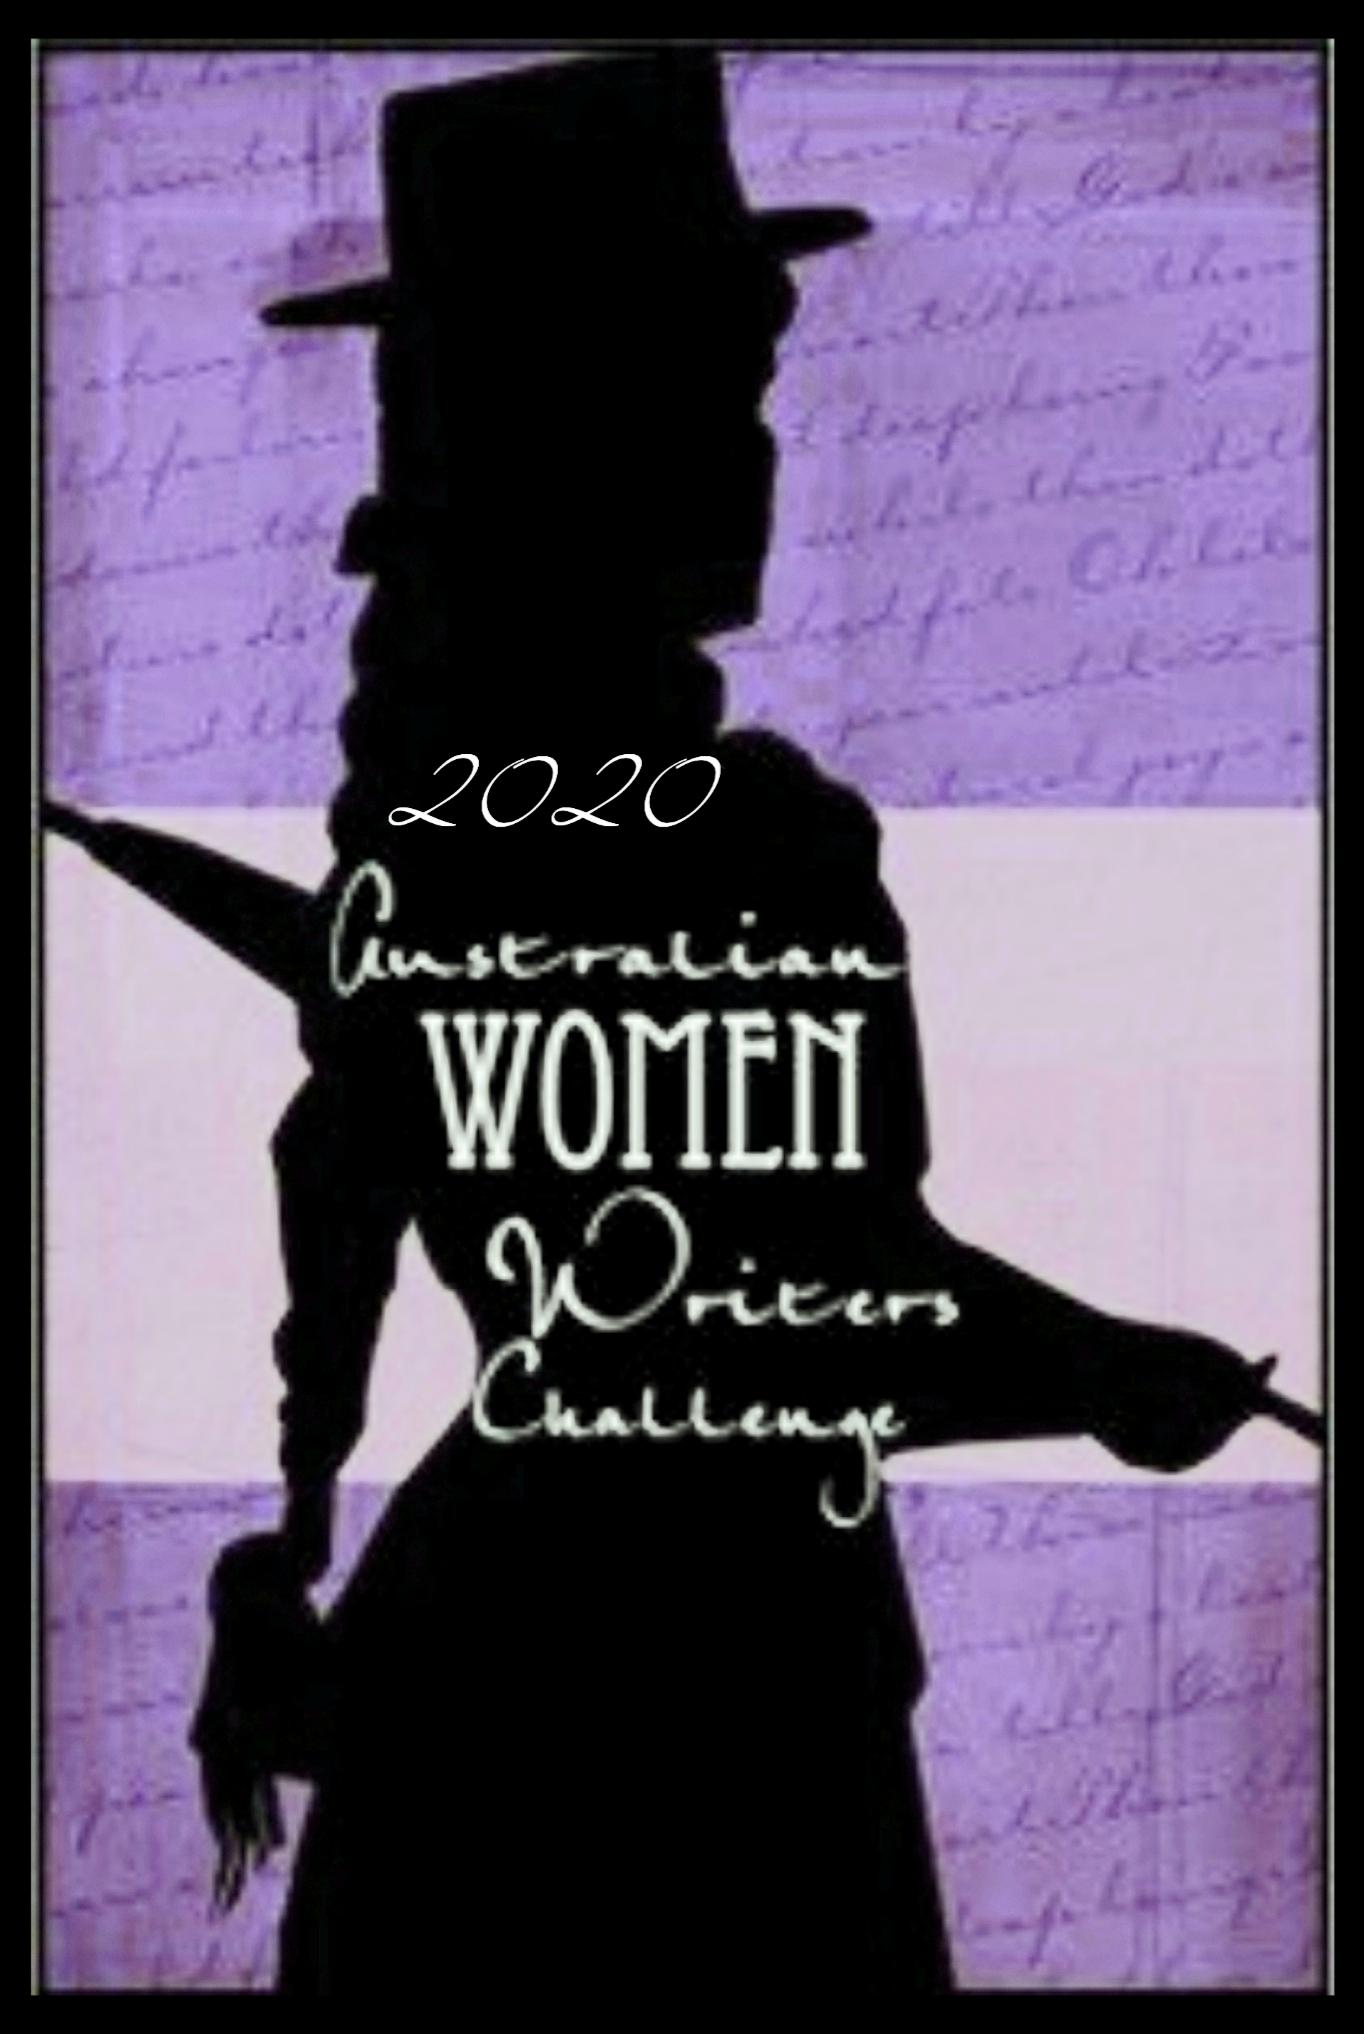 Challenges 2020